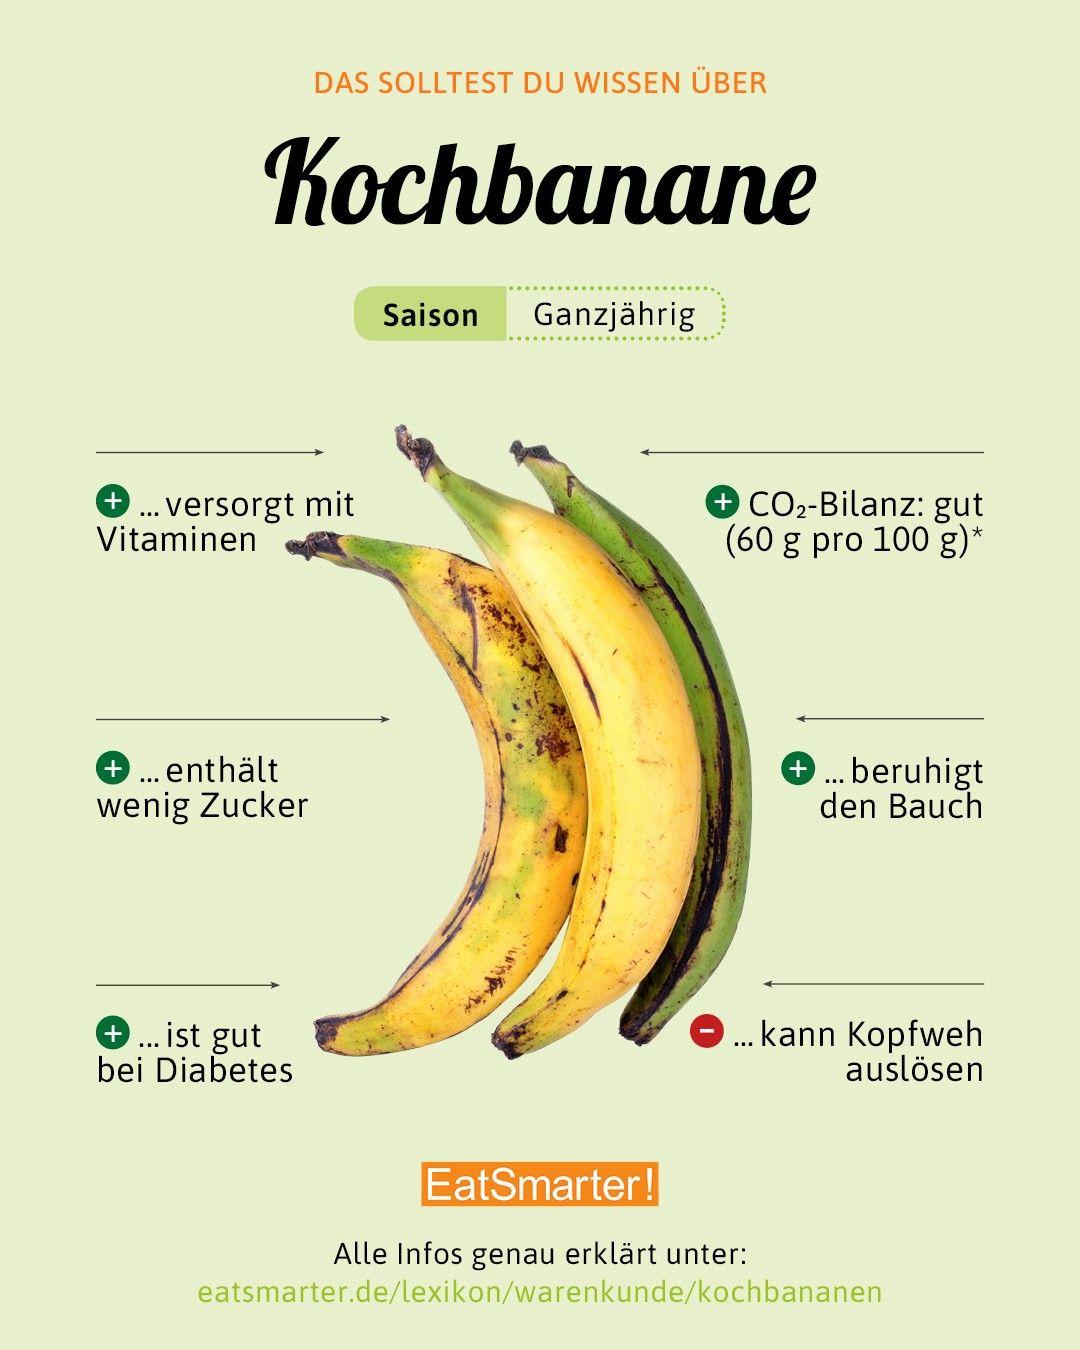 Banana Kennt Ihr Den Unterschied Zwischen Bananen Und Kochbananen Erfahrt Es In Der Infografik Ub Kochbananen Gesunde Ernahrung Tipps Gesunde Nahrungsmittel